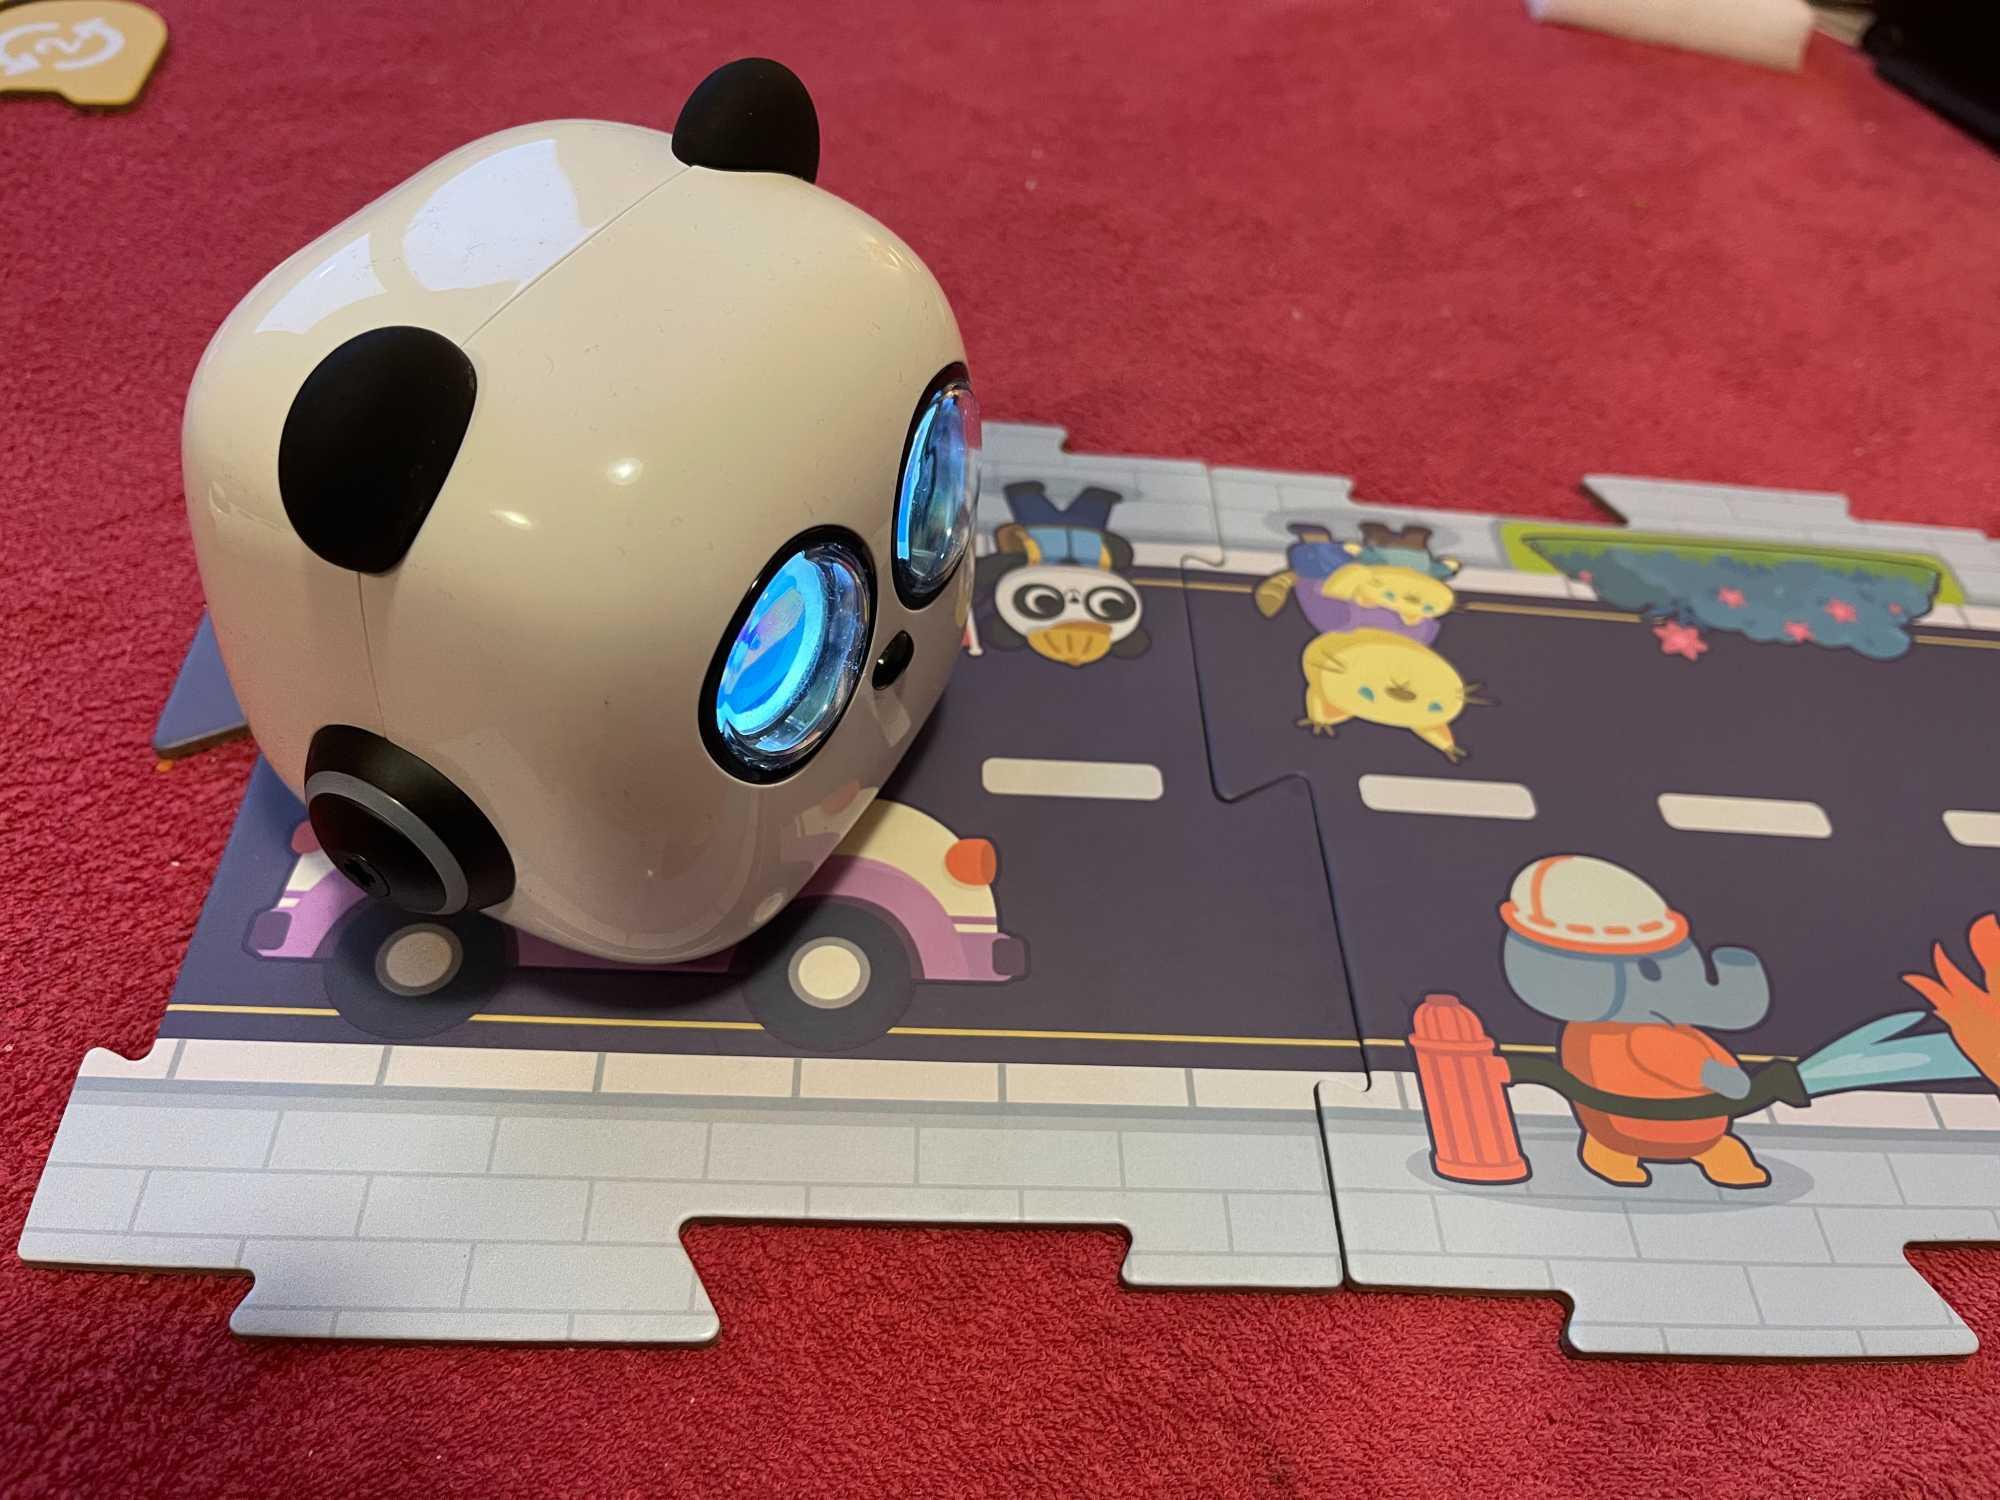 Kinder können Programme entwickeln, um Aufgaben in einer Spielwelt zu bewältigen.